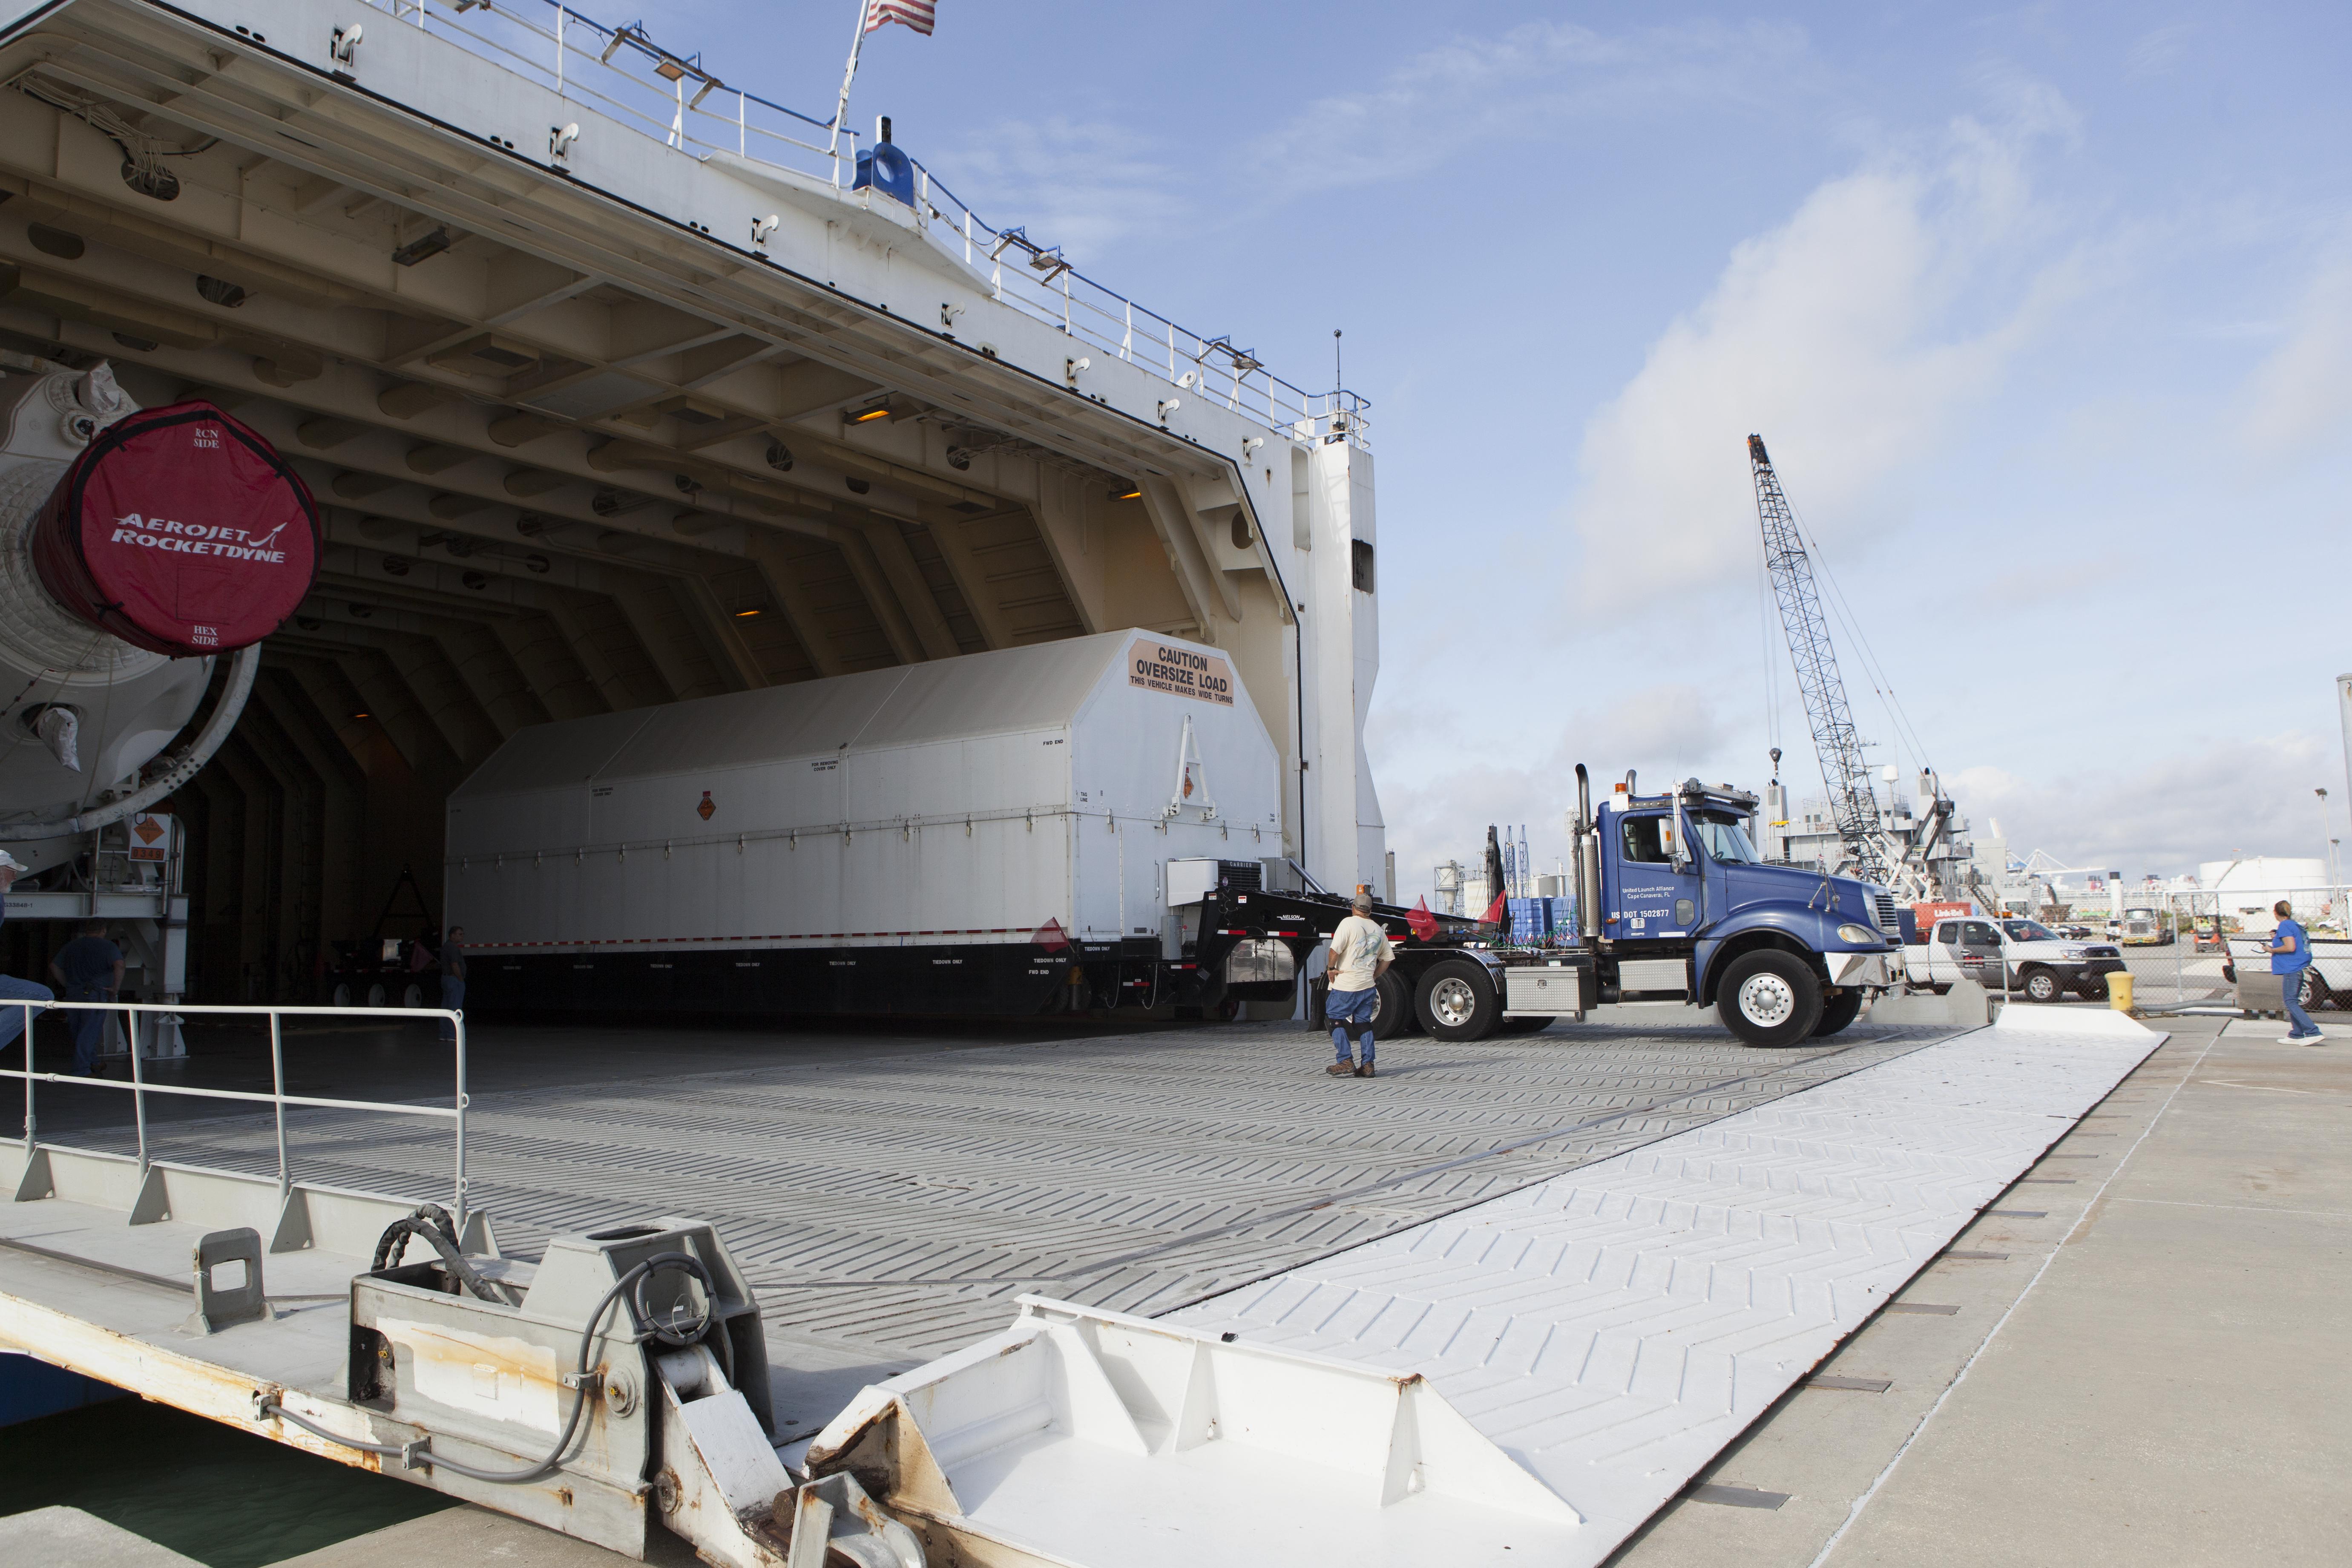 Final Rocket Components Arrive In Florida For Parker Solar